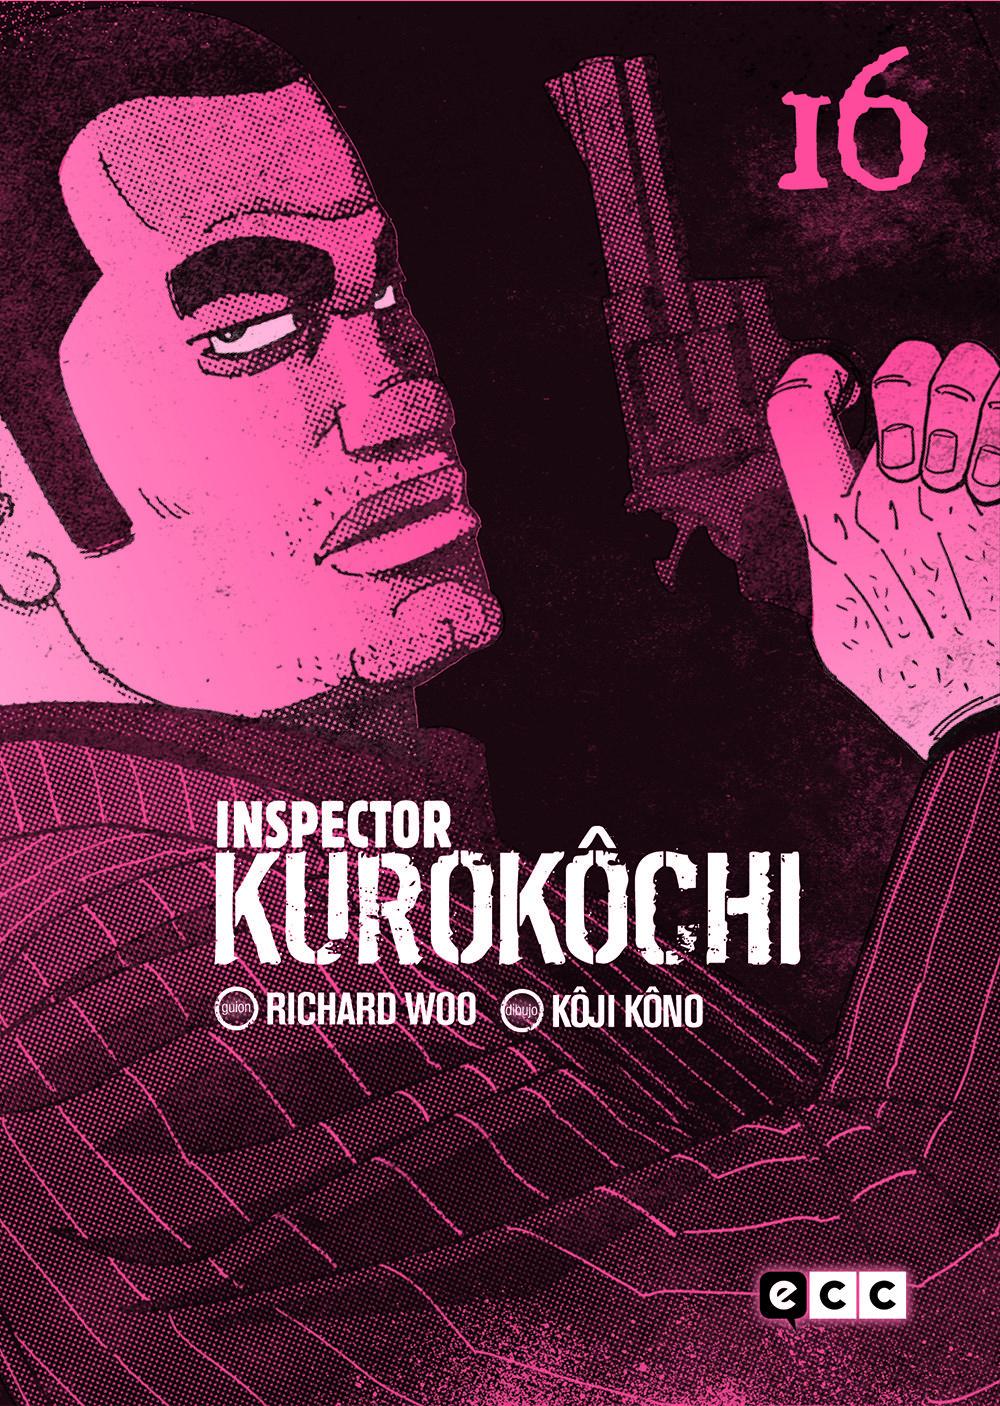 sorecubierta_kurokochi_16.indd